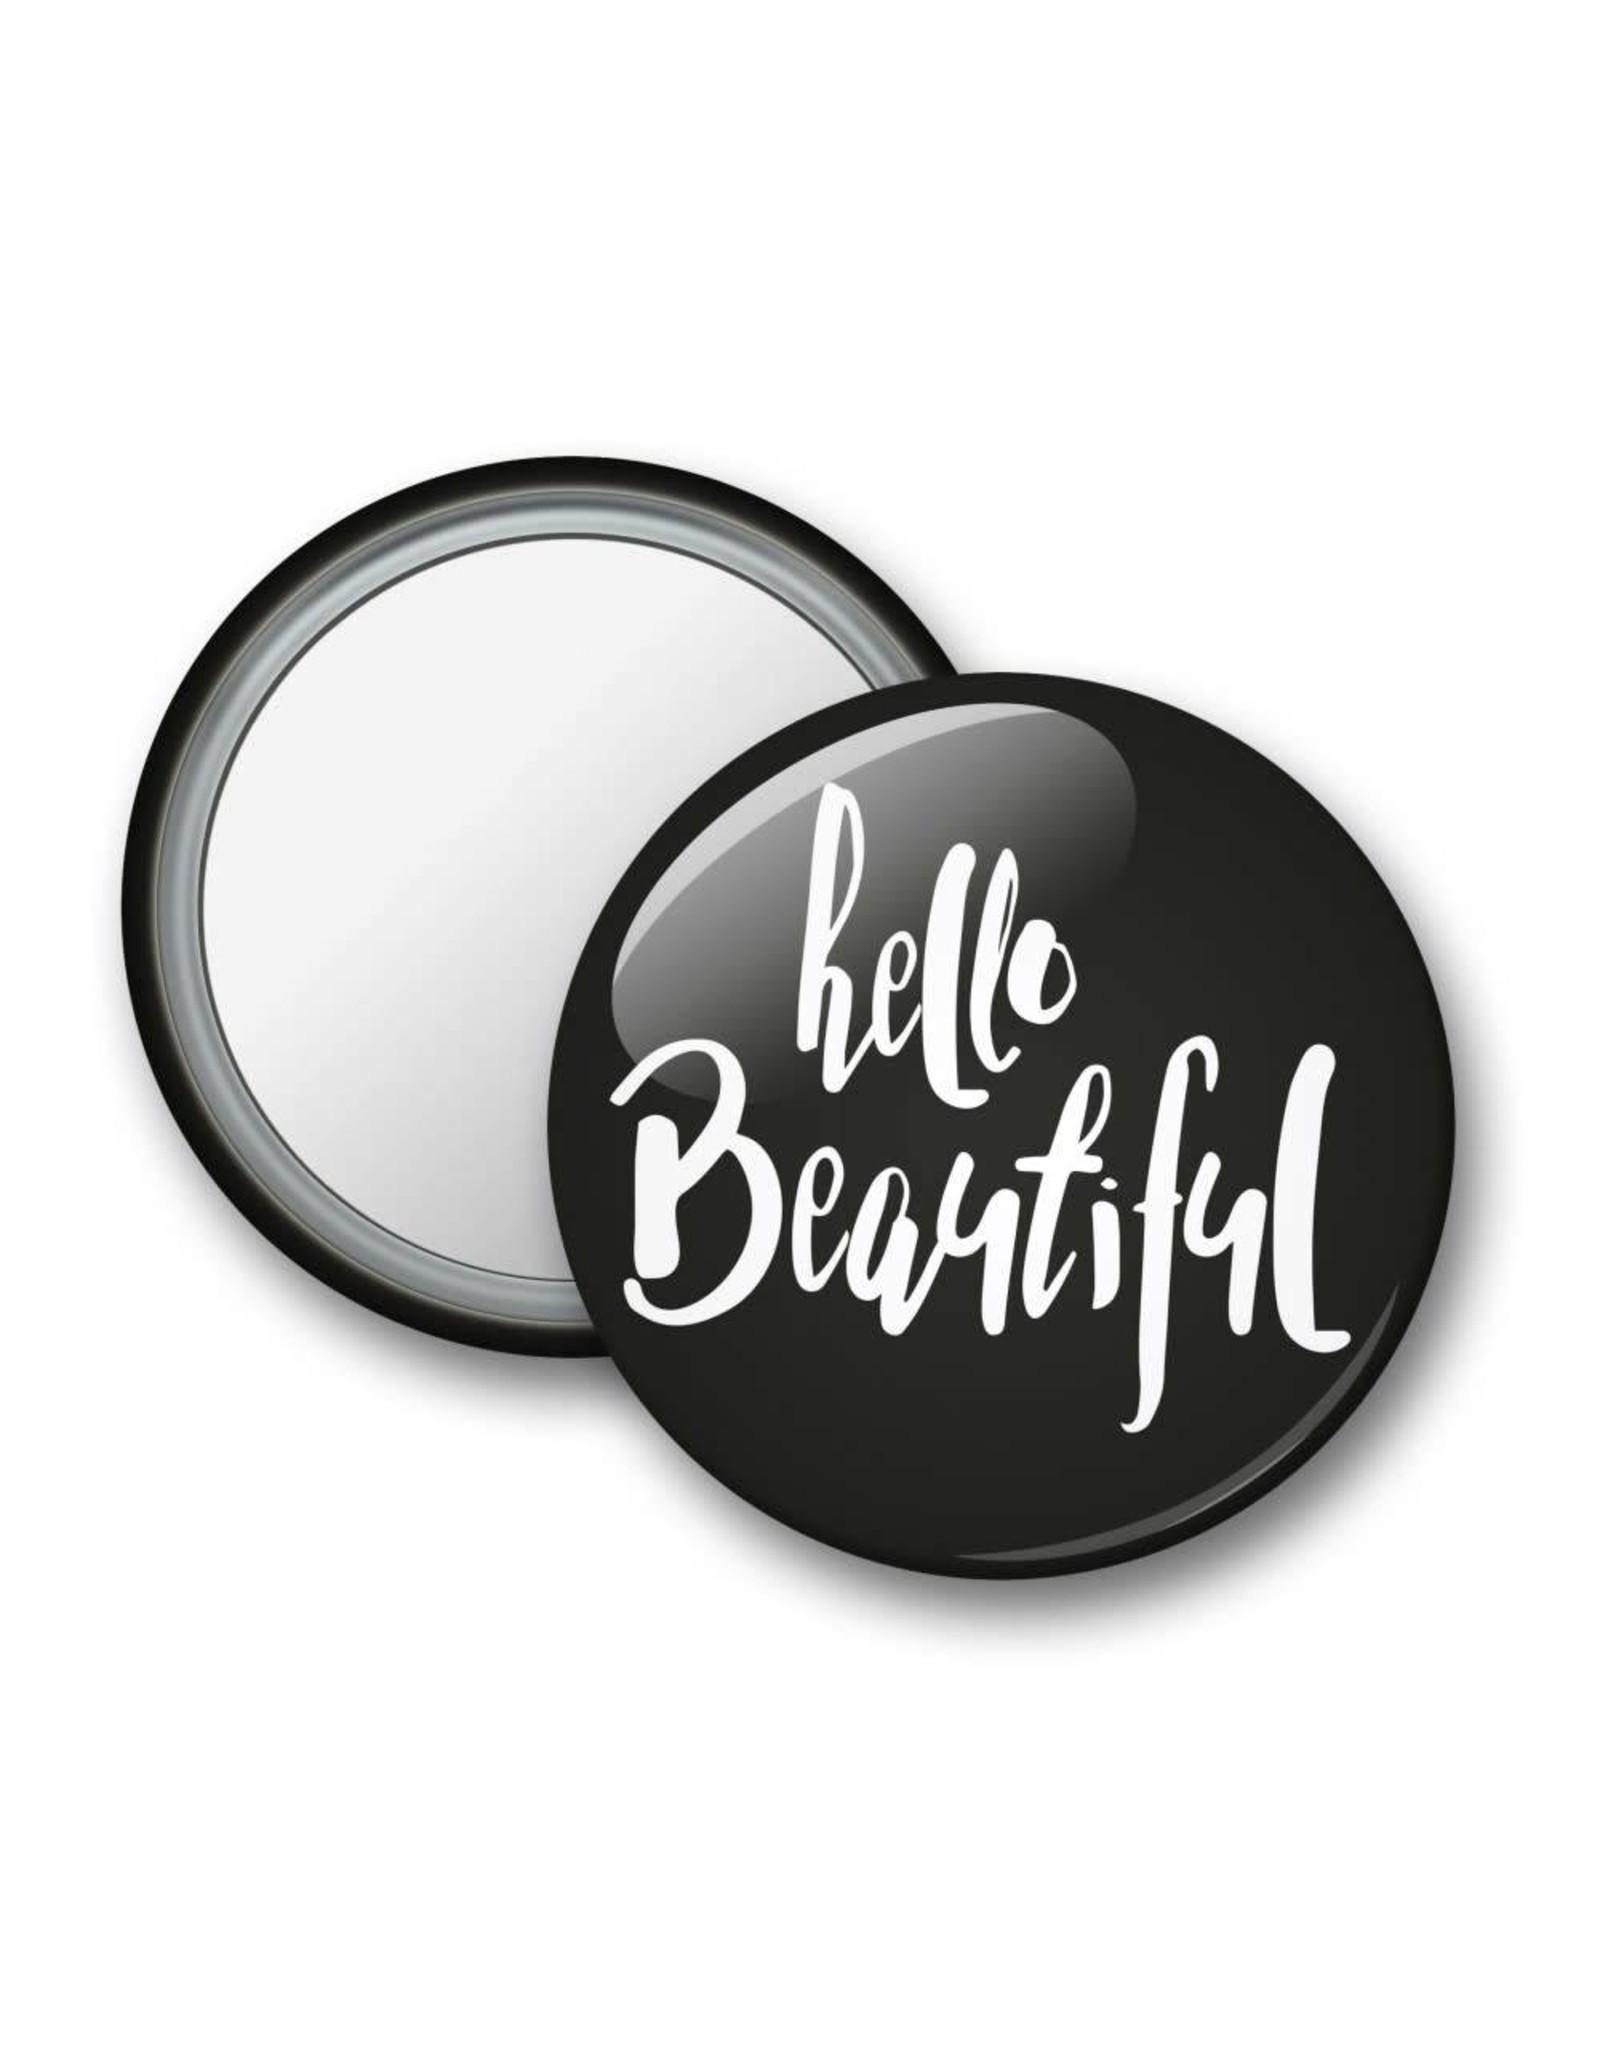 Zakspiegel Hello Beautiful